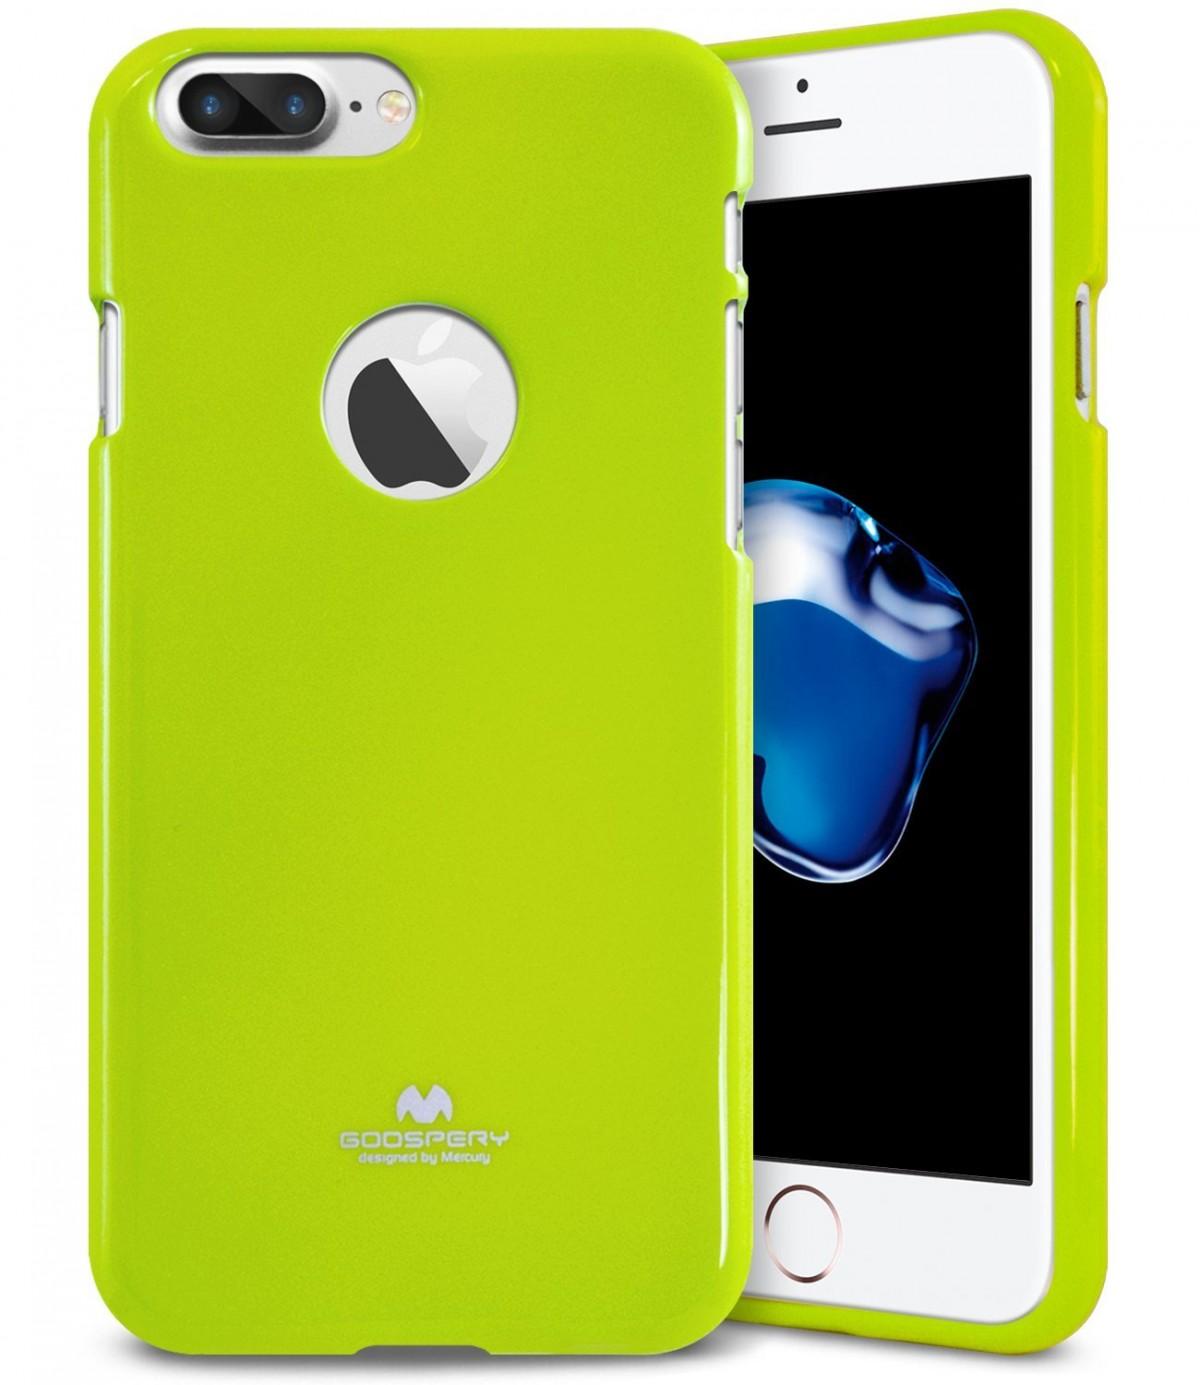 Tenké silikonové obaly / kryty Goospery Mercury pro Apple iPhone 7 Plus - Jelly Case - Limetkově zelený / Lime